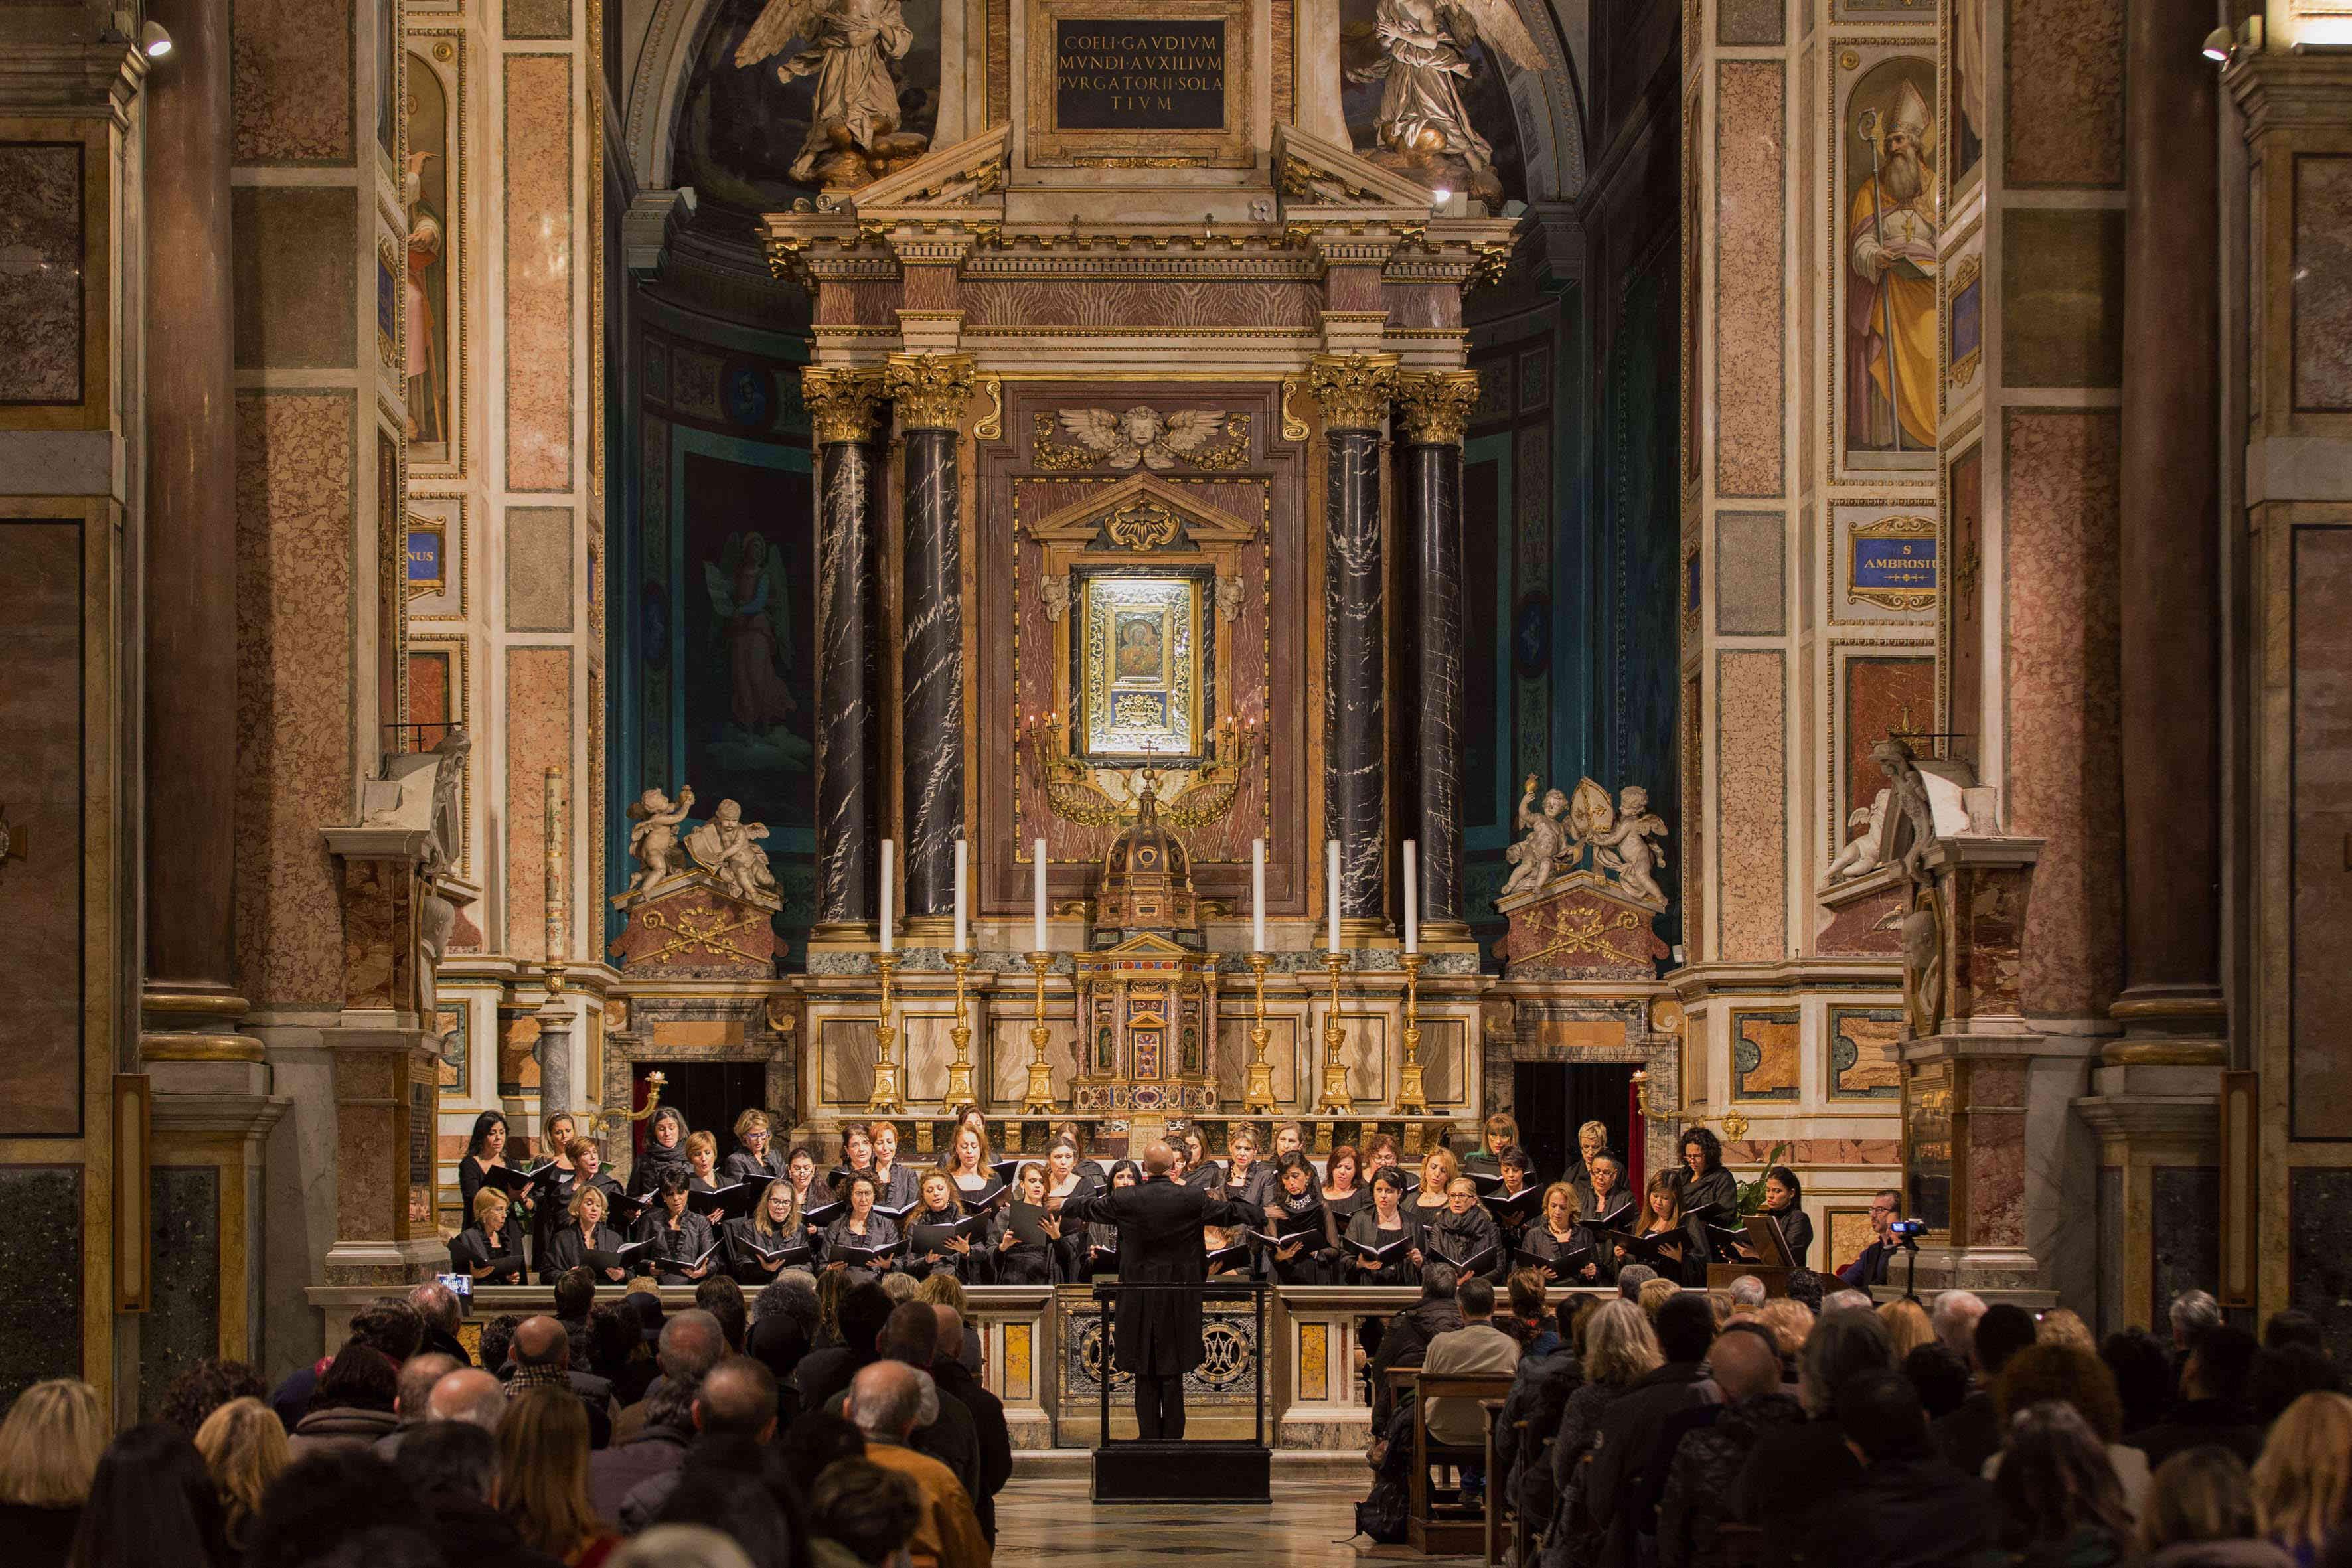 Concerto per il Giubileo,coro femminile dell'Opera di Roma nella basilica di Sant'Agostino,dir.Maestro Gabbiani®Yasuko Kageyama-Opera Roma 2015-16_4369_low